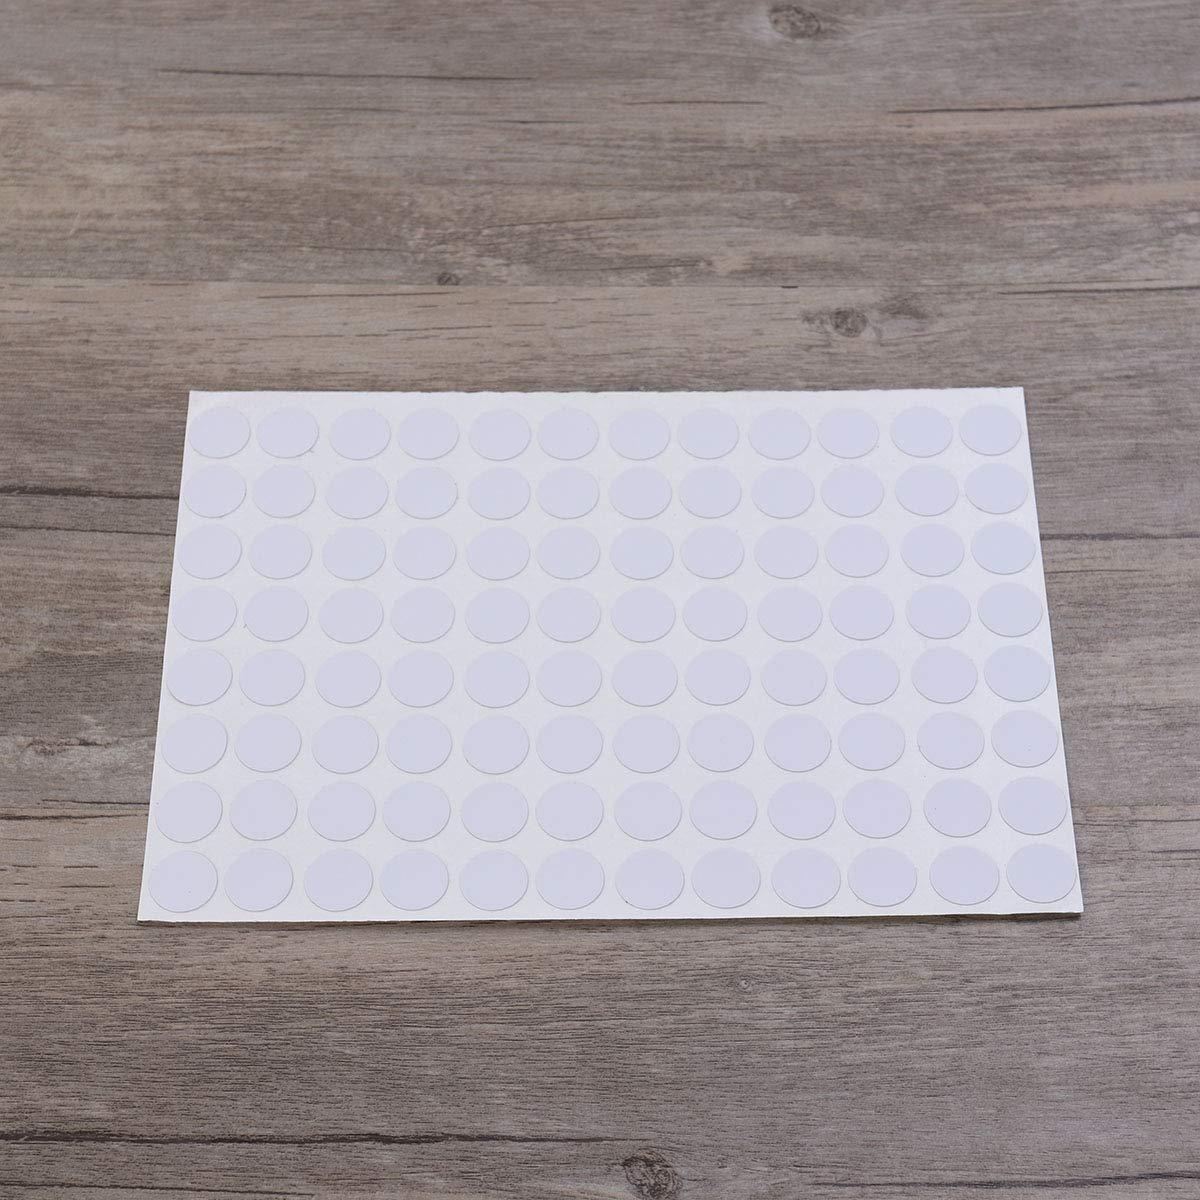 Sheet Cubre Las Etiquetas engomadas de los Casquillos para Las Etiquetas de los Muebles VORCOOL El Agujero Impermeable del Tornillo 96pcs